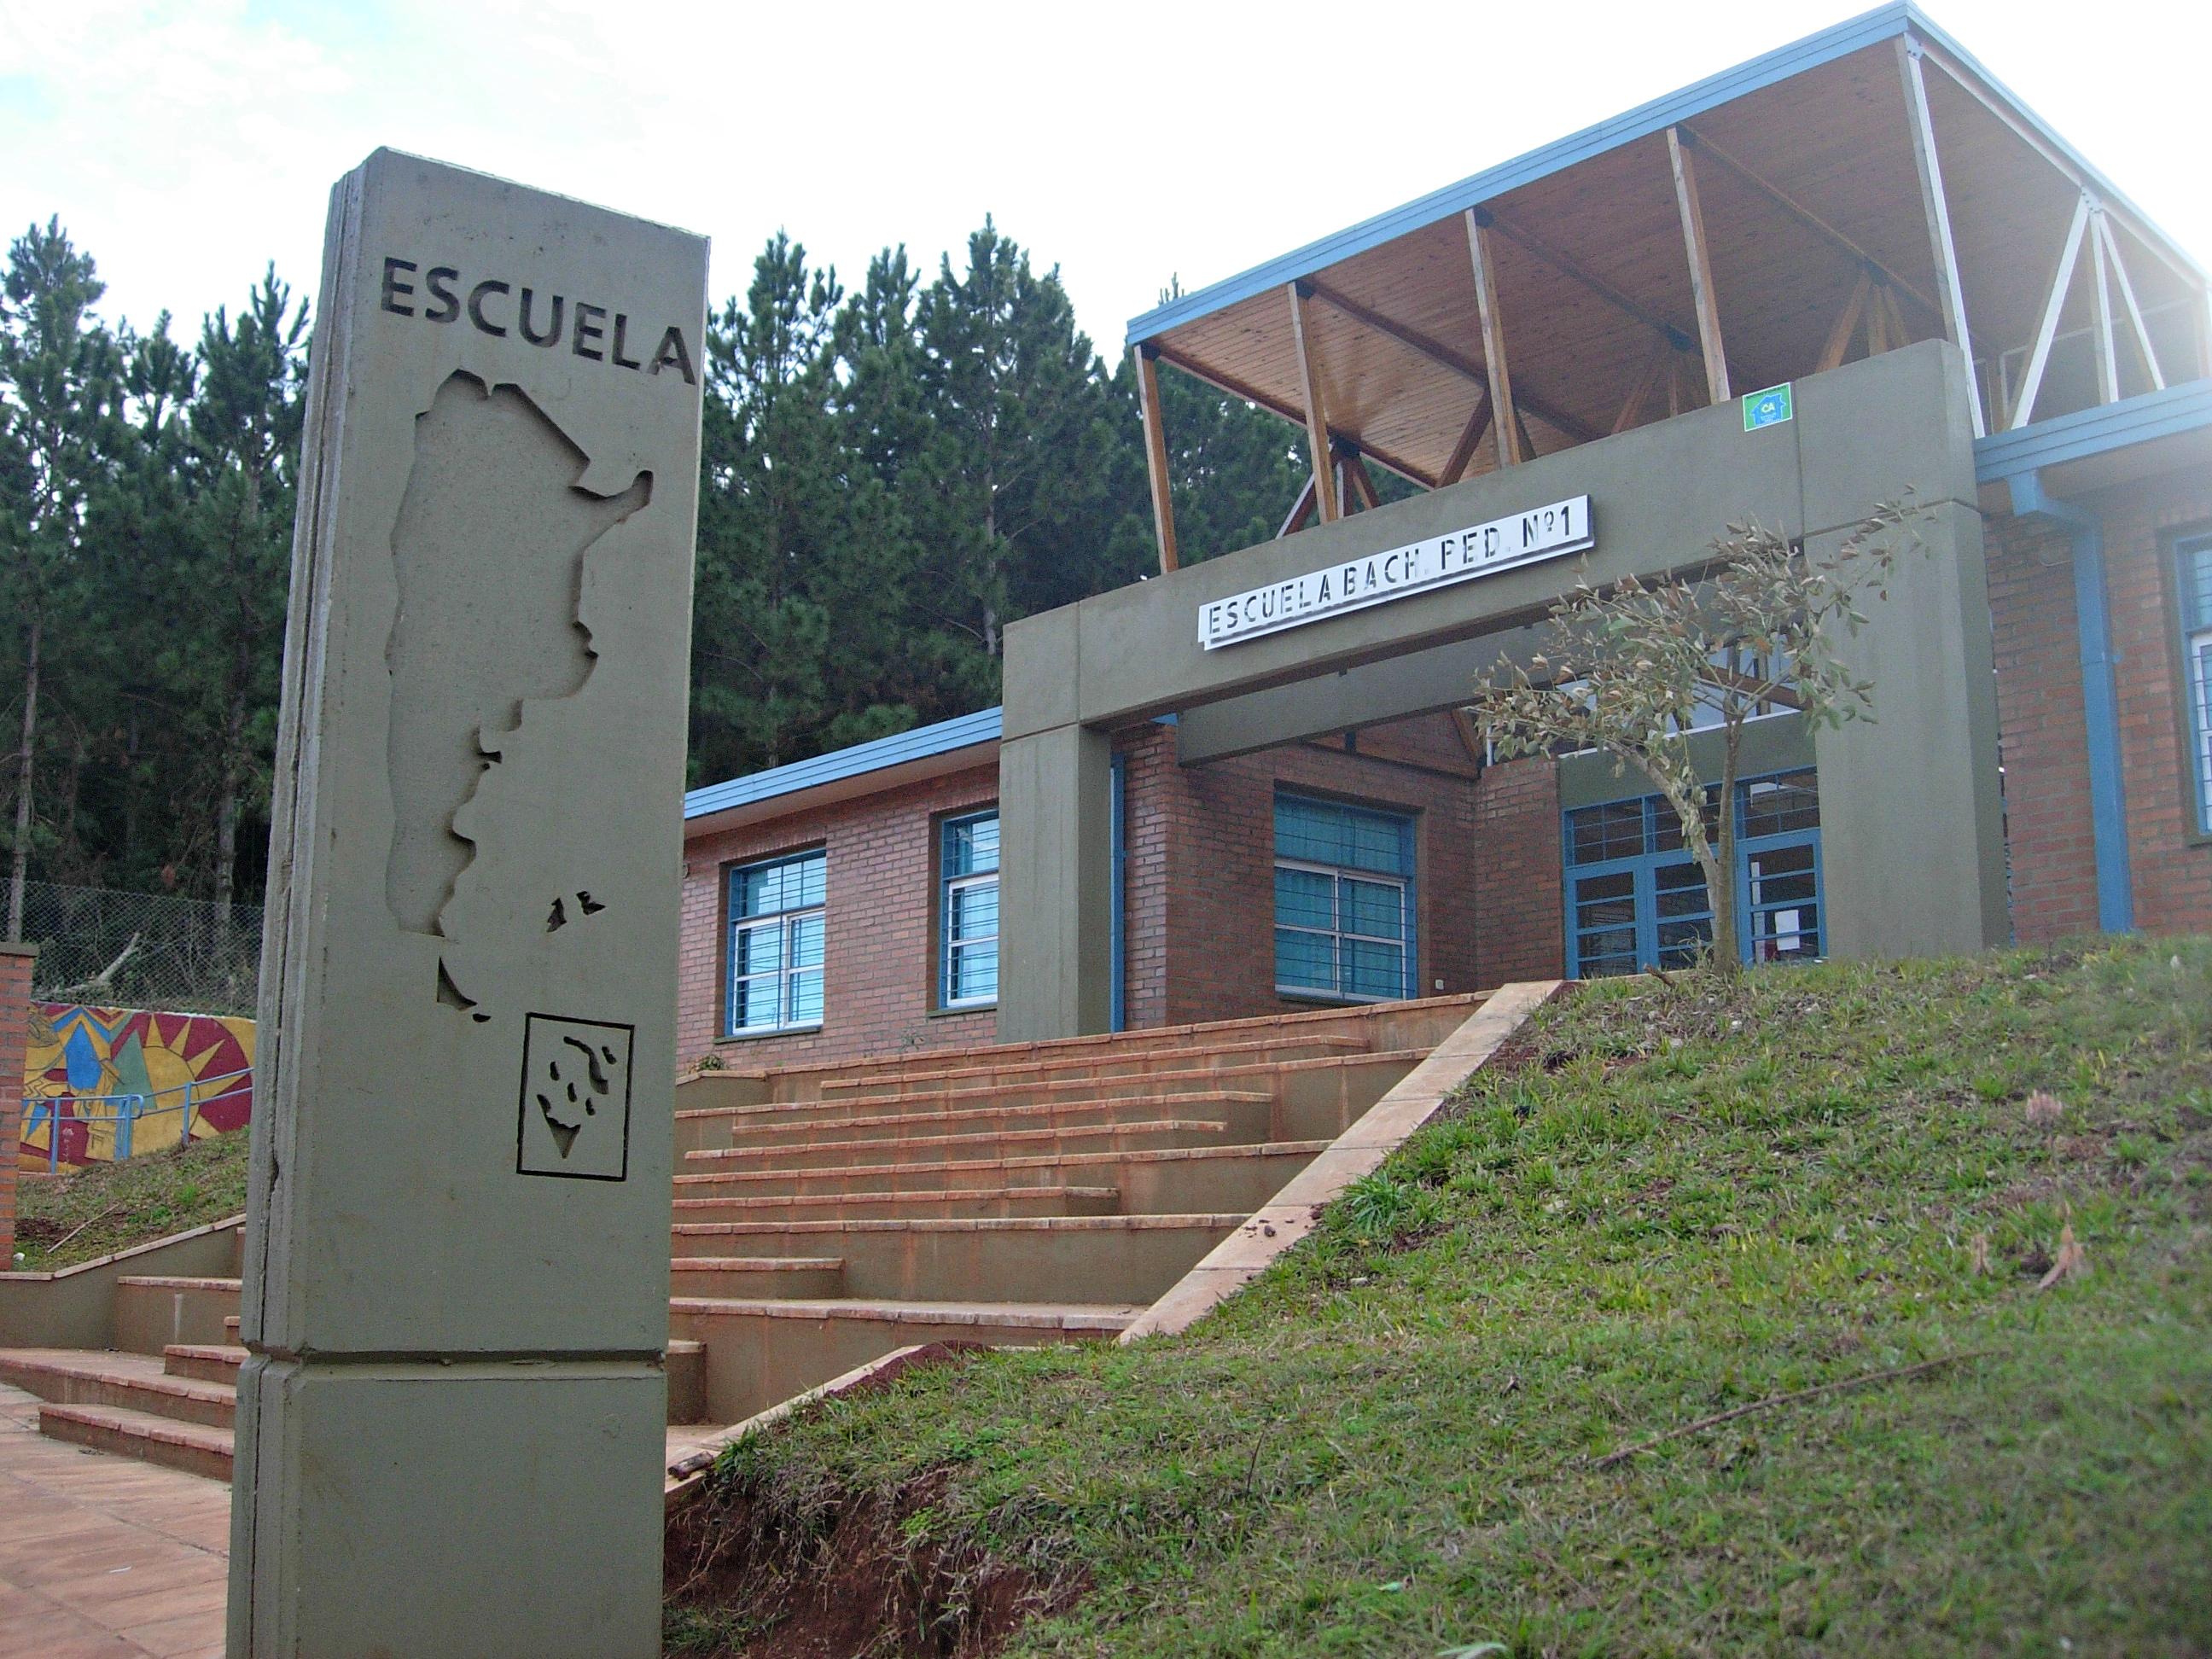 Construcci n de escuelas cristina fernandez de kirchner for Proyectos de construccion de escuelas